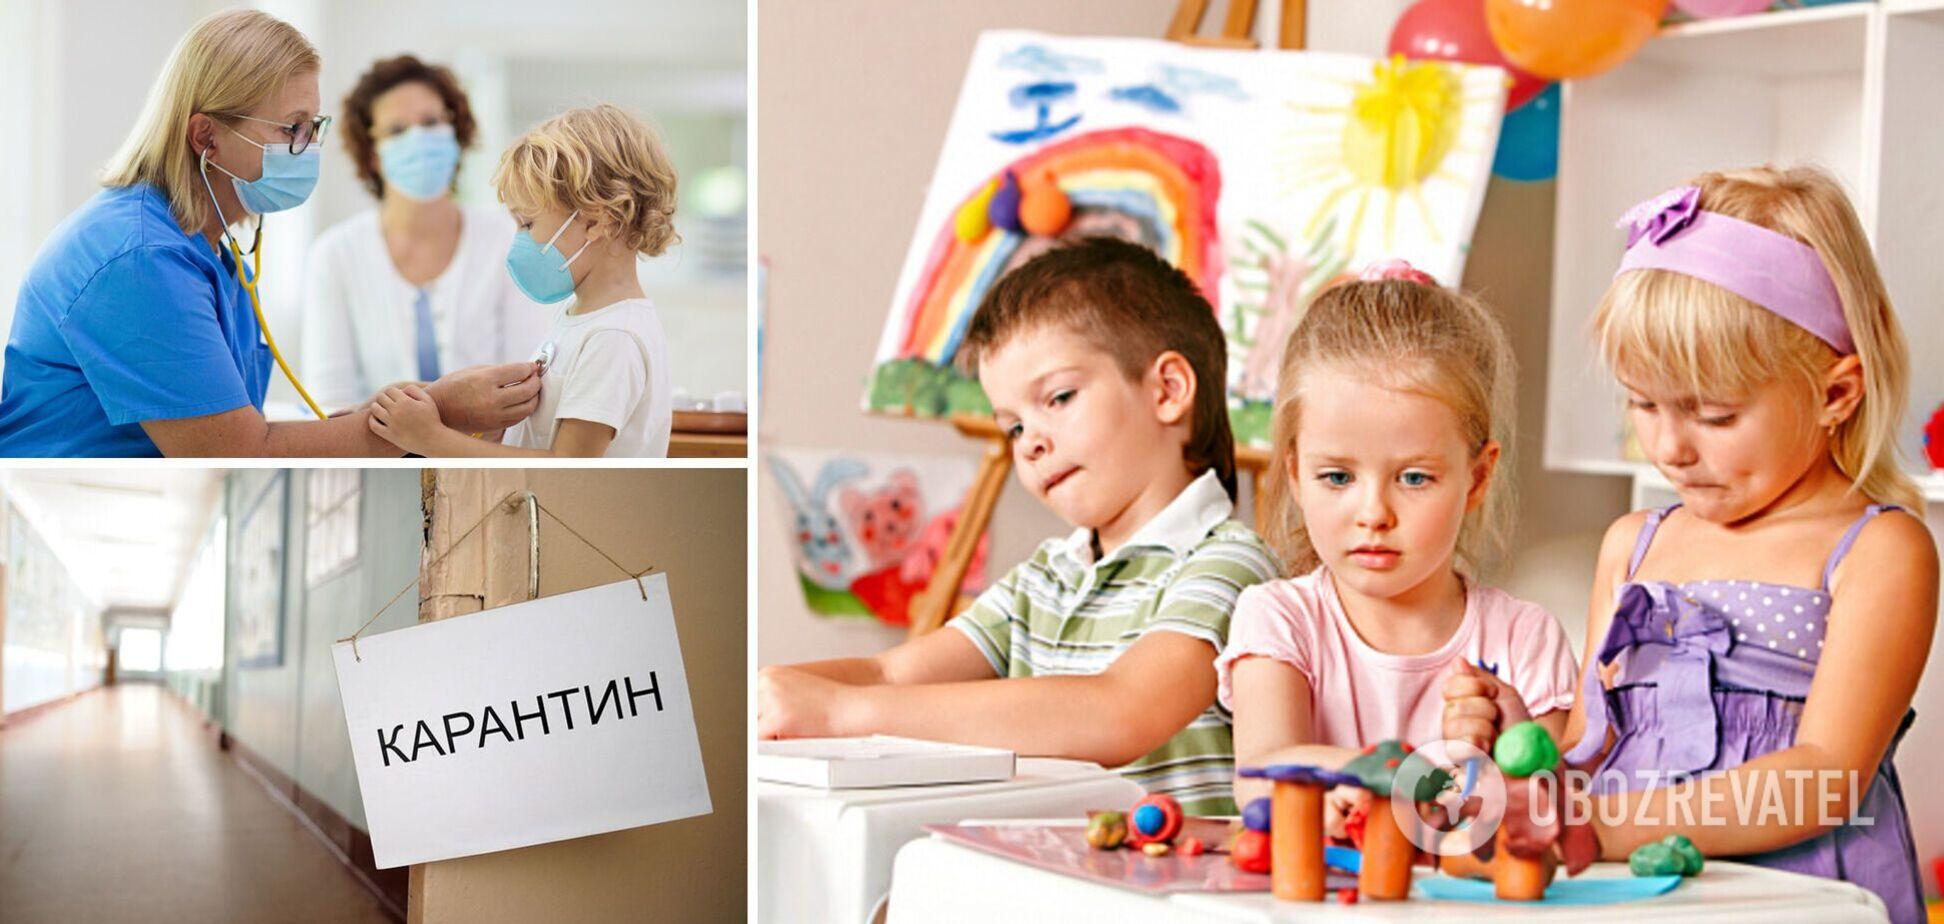 В Україні встановили нові карантинні правила в дитсадках, експертка оцінила ефективність. Ексклюзив